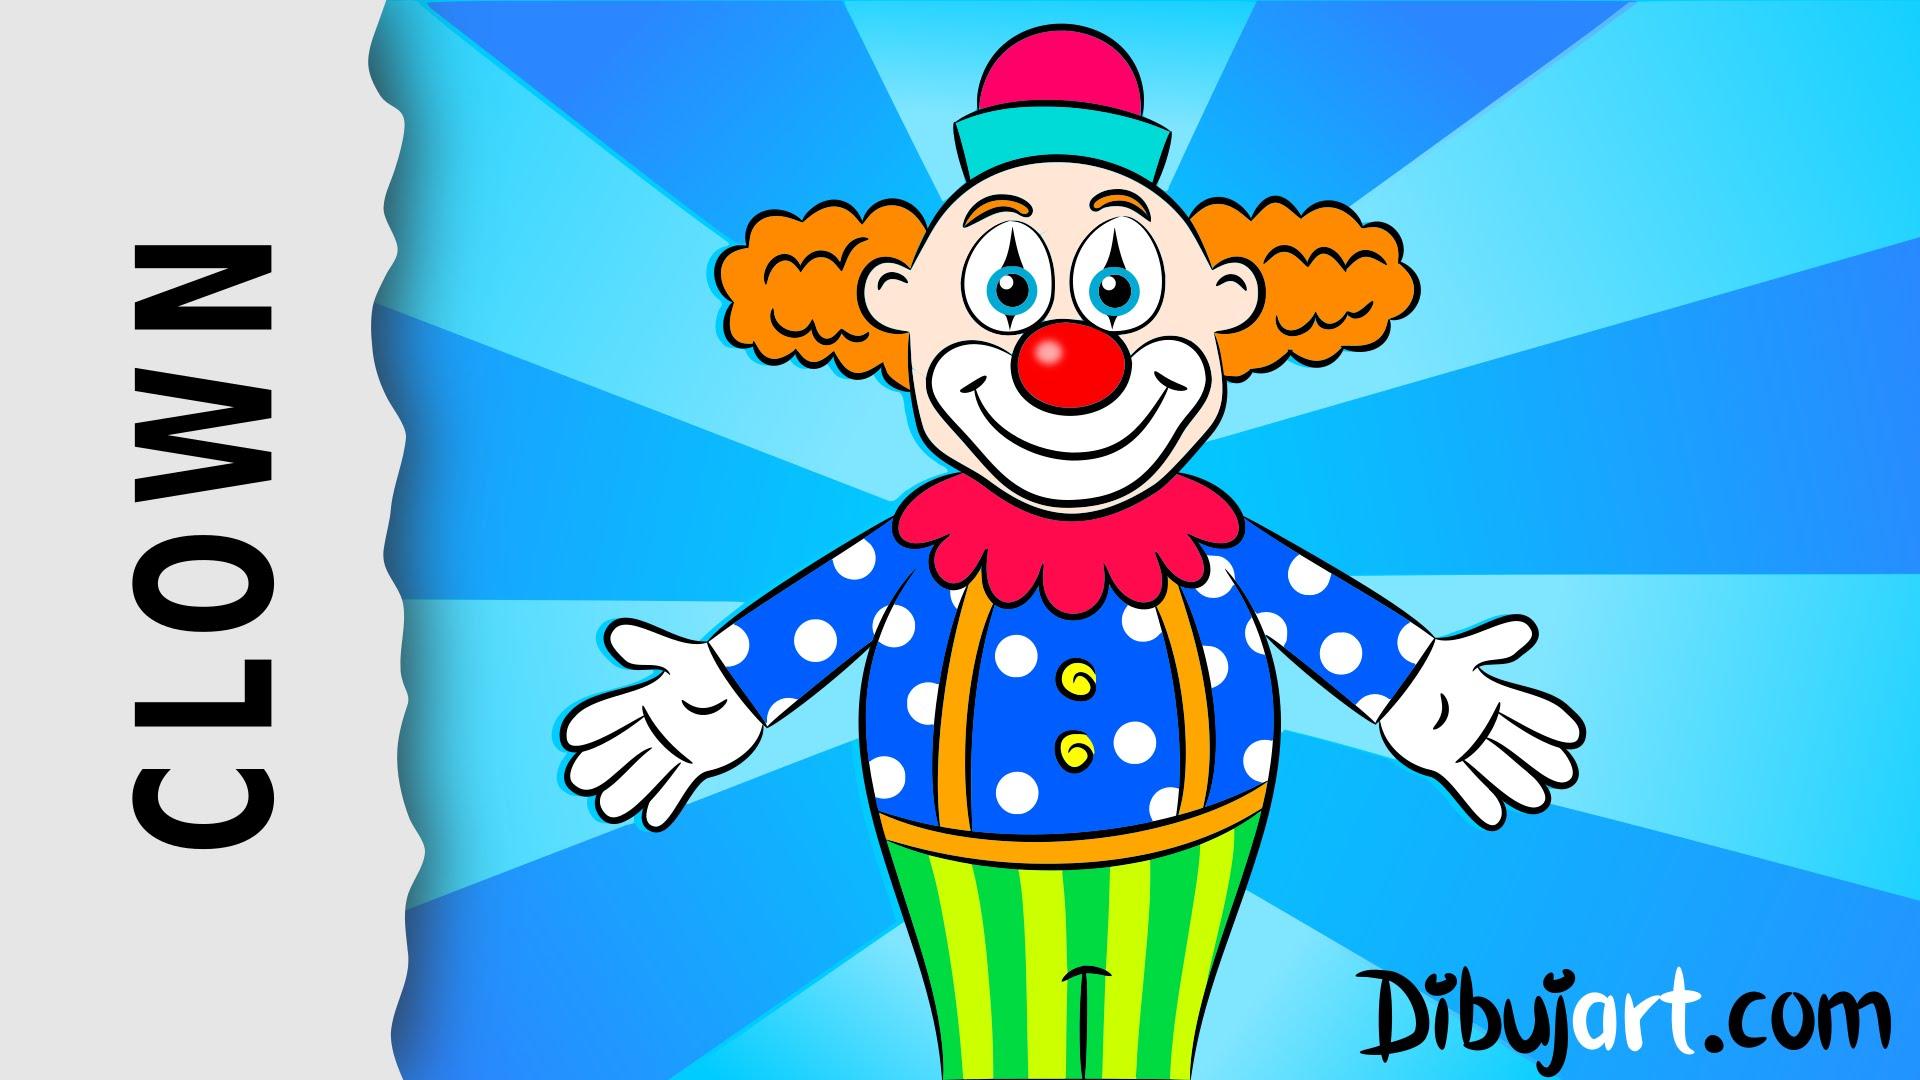 1920x1080 How To Draw A Clown Wie Zeichnet Man Einen Clown